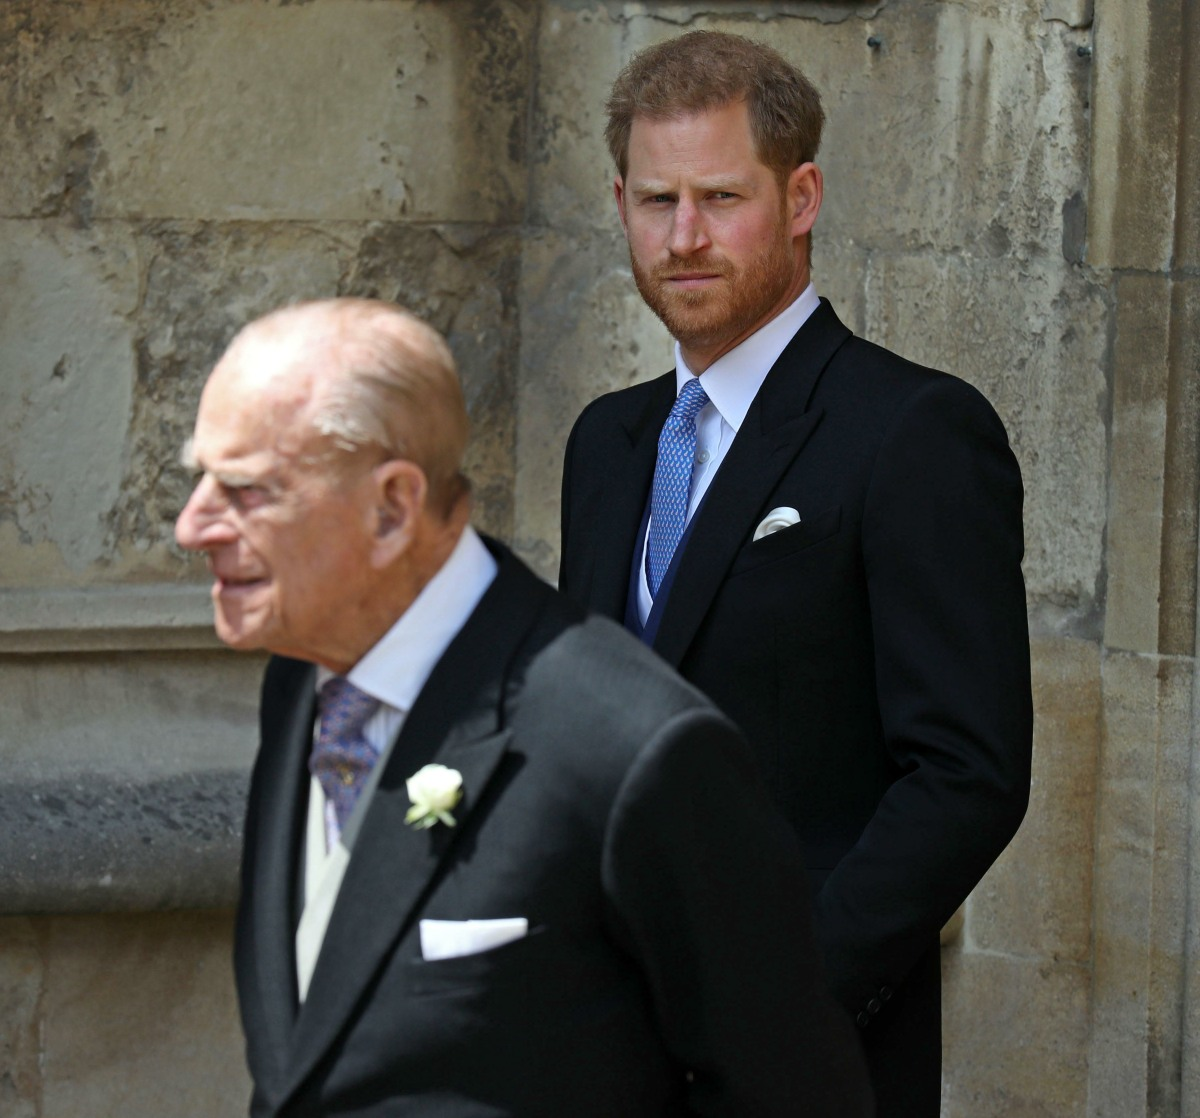 Lady Gabriella Windsor wedding